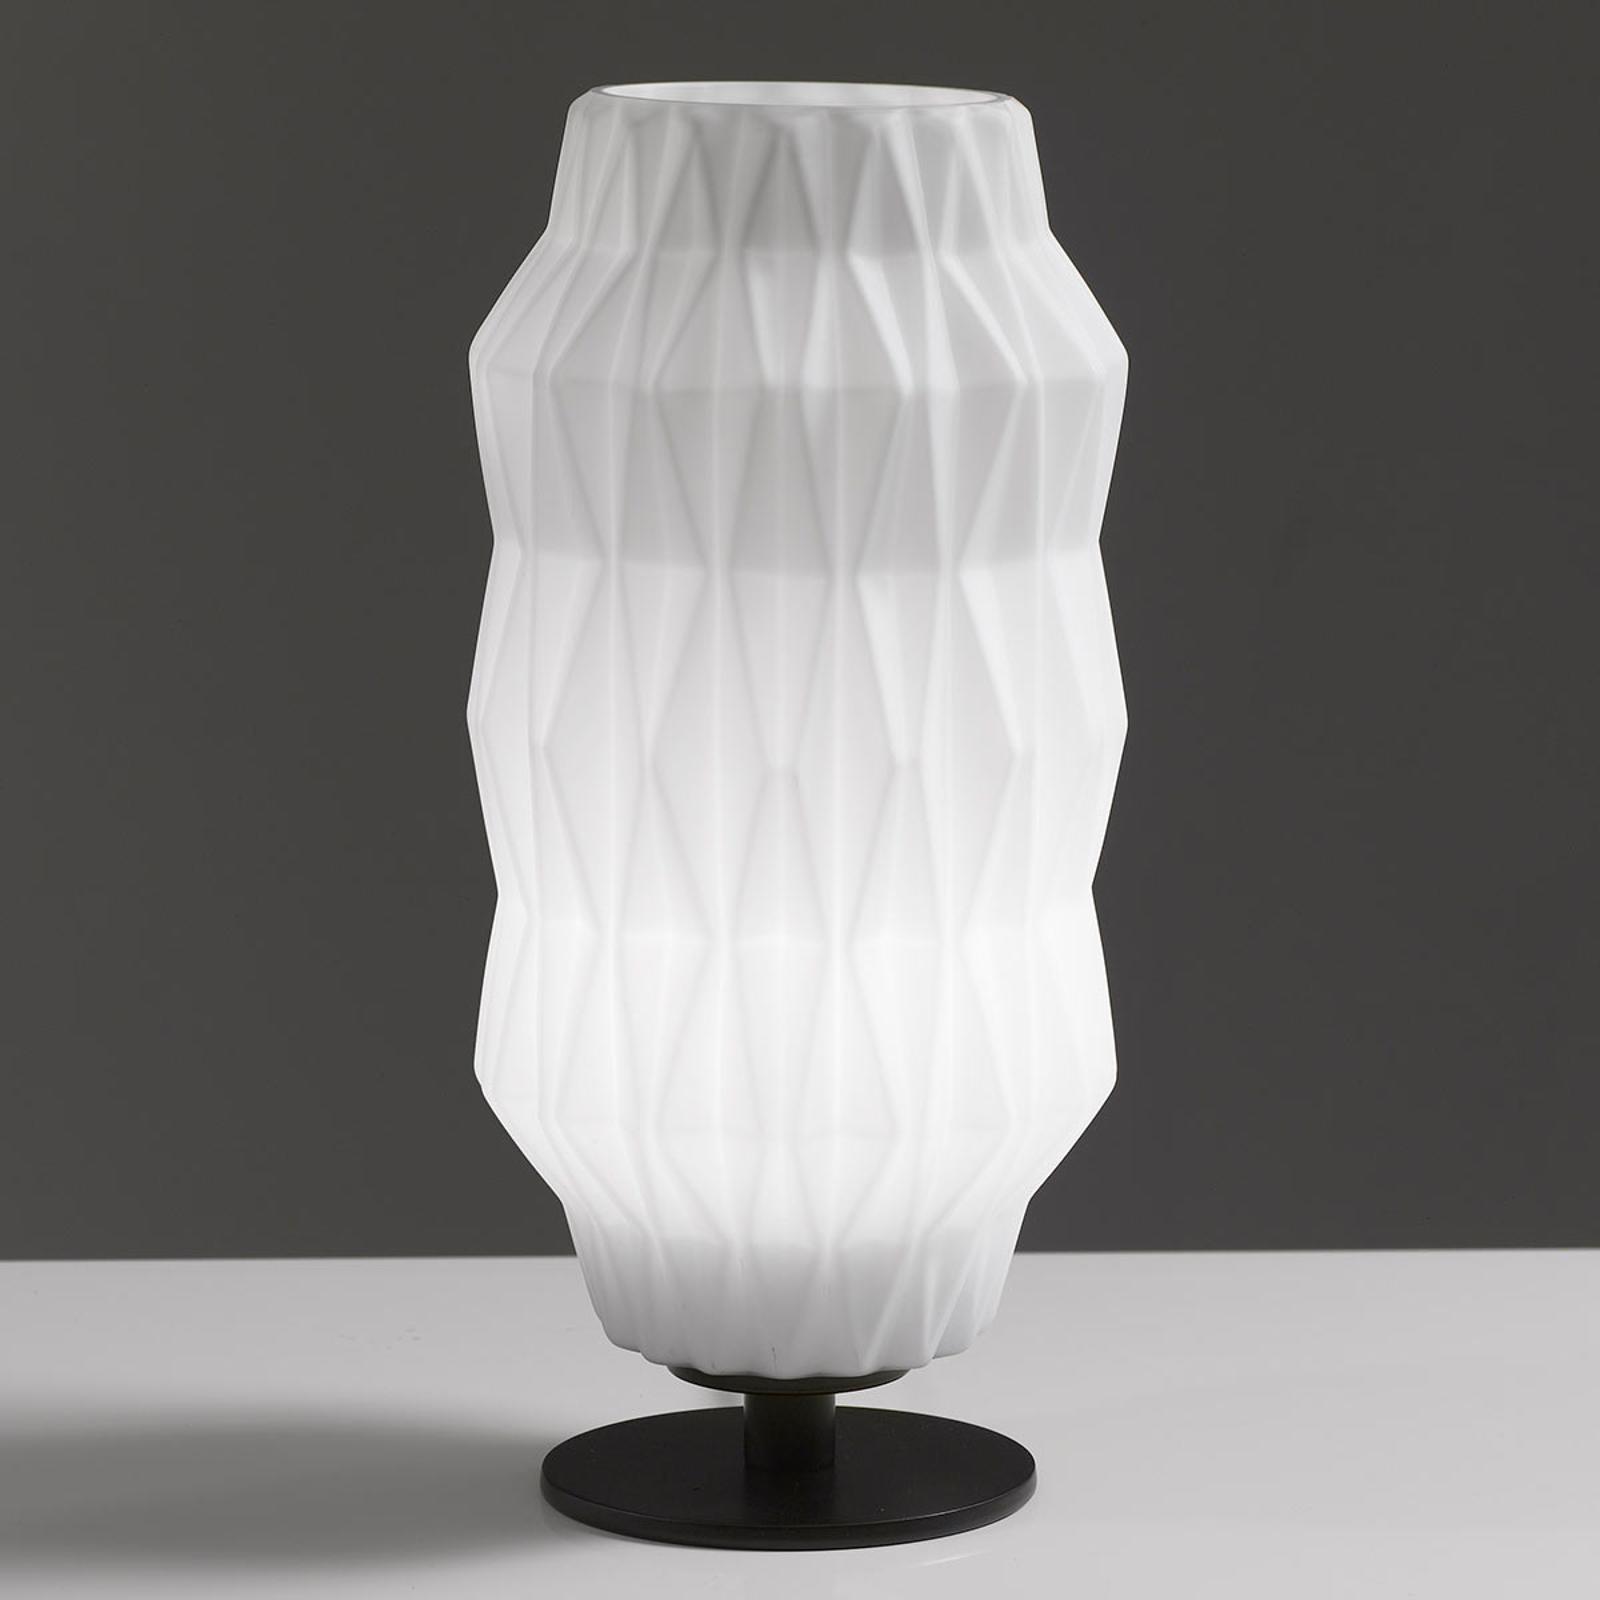 Lampa stołowa Origami, biała